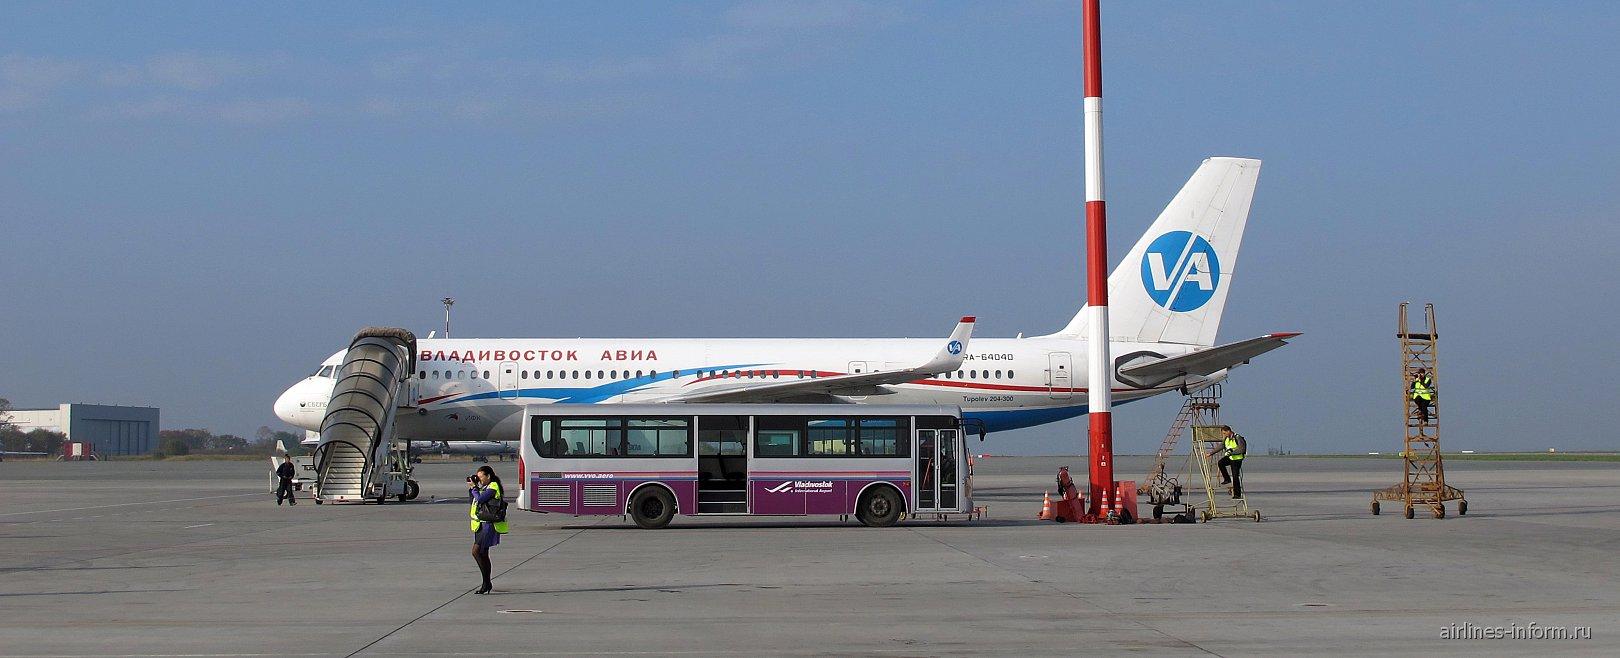 Airbus A320 Владивосток Авиа в аэропорту Владивостока